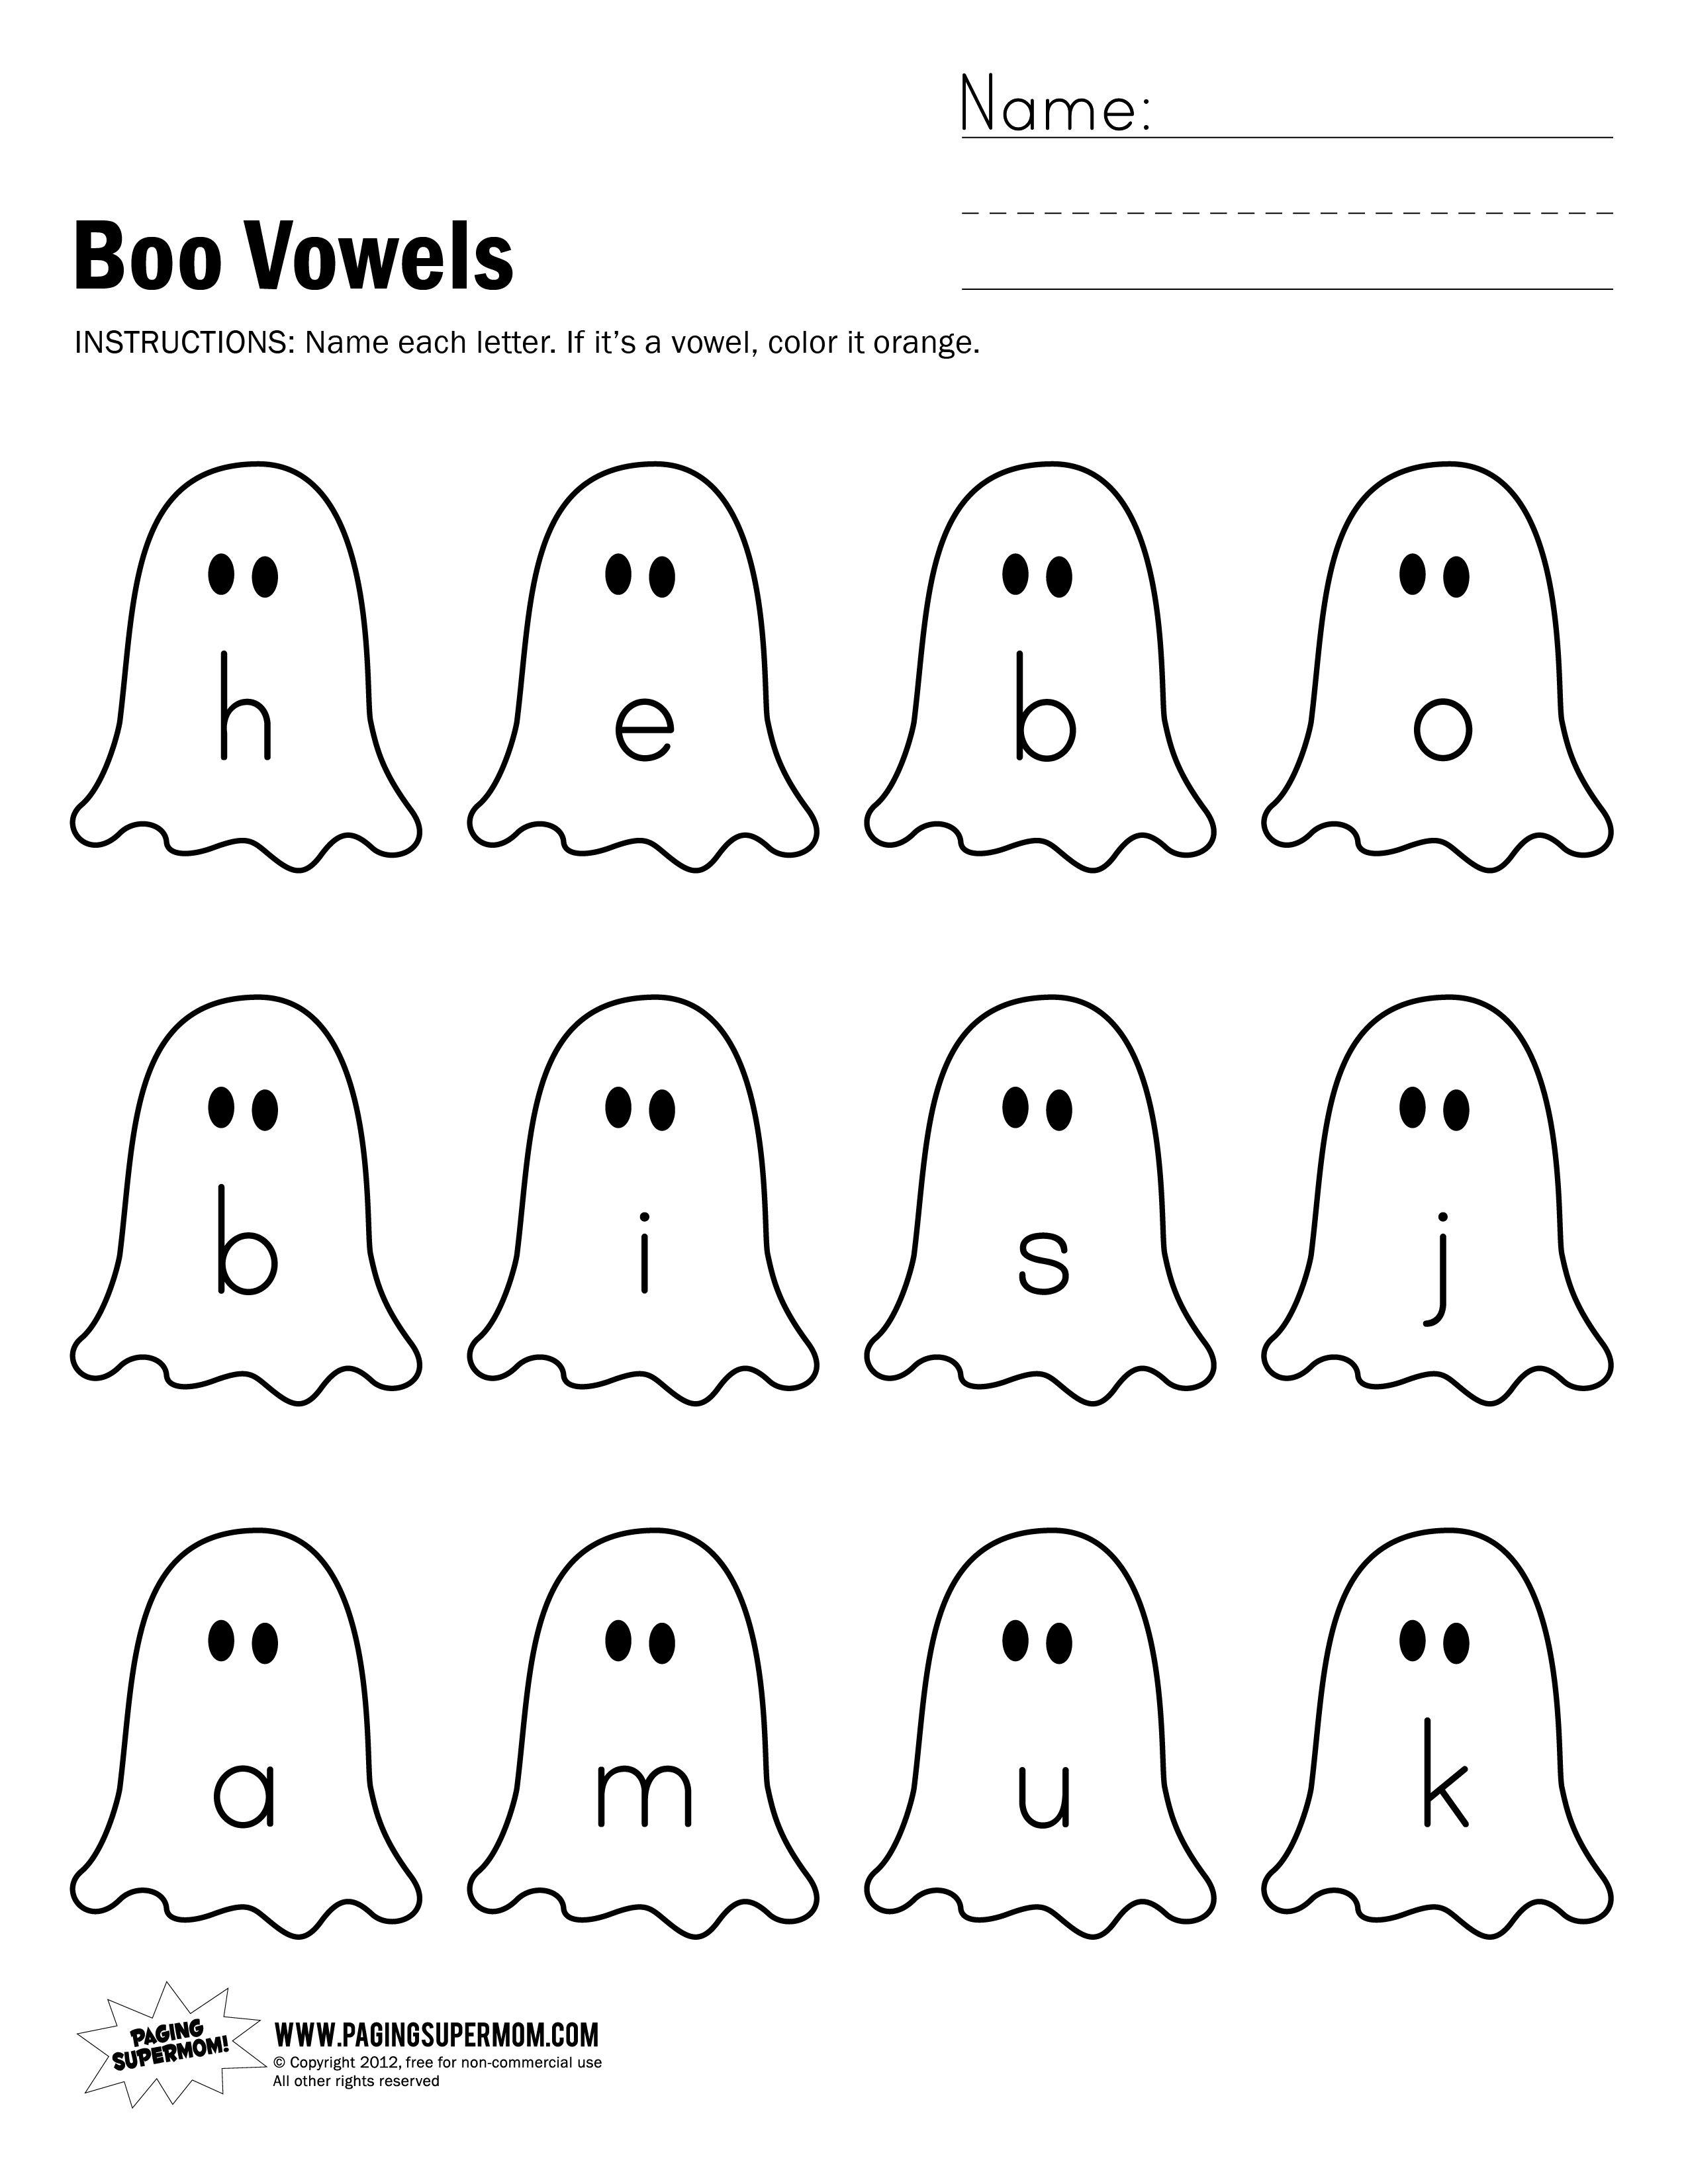 worksheet Worksheets Of Vowels For Kindergarten boo vowels worksheet paging supermom halloween pinterest supermom